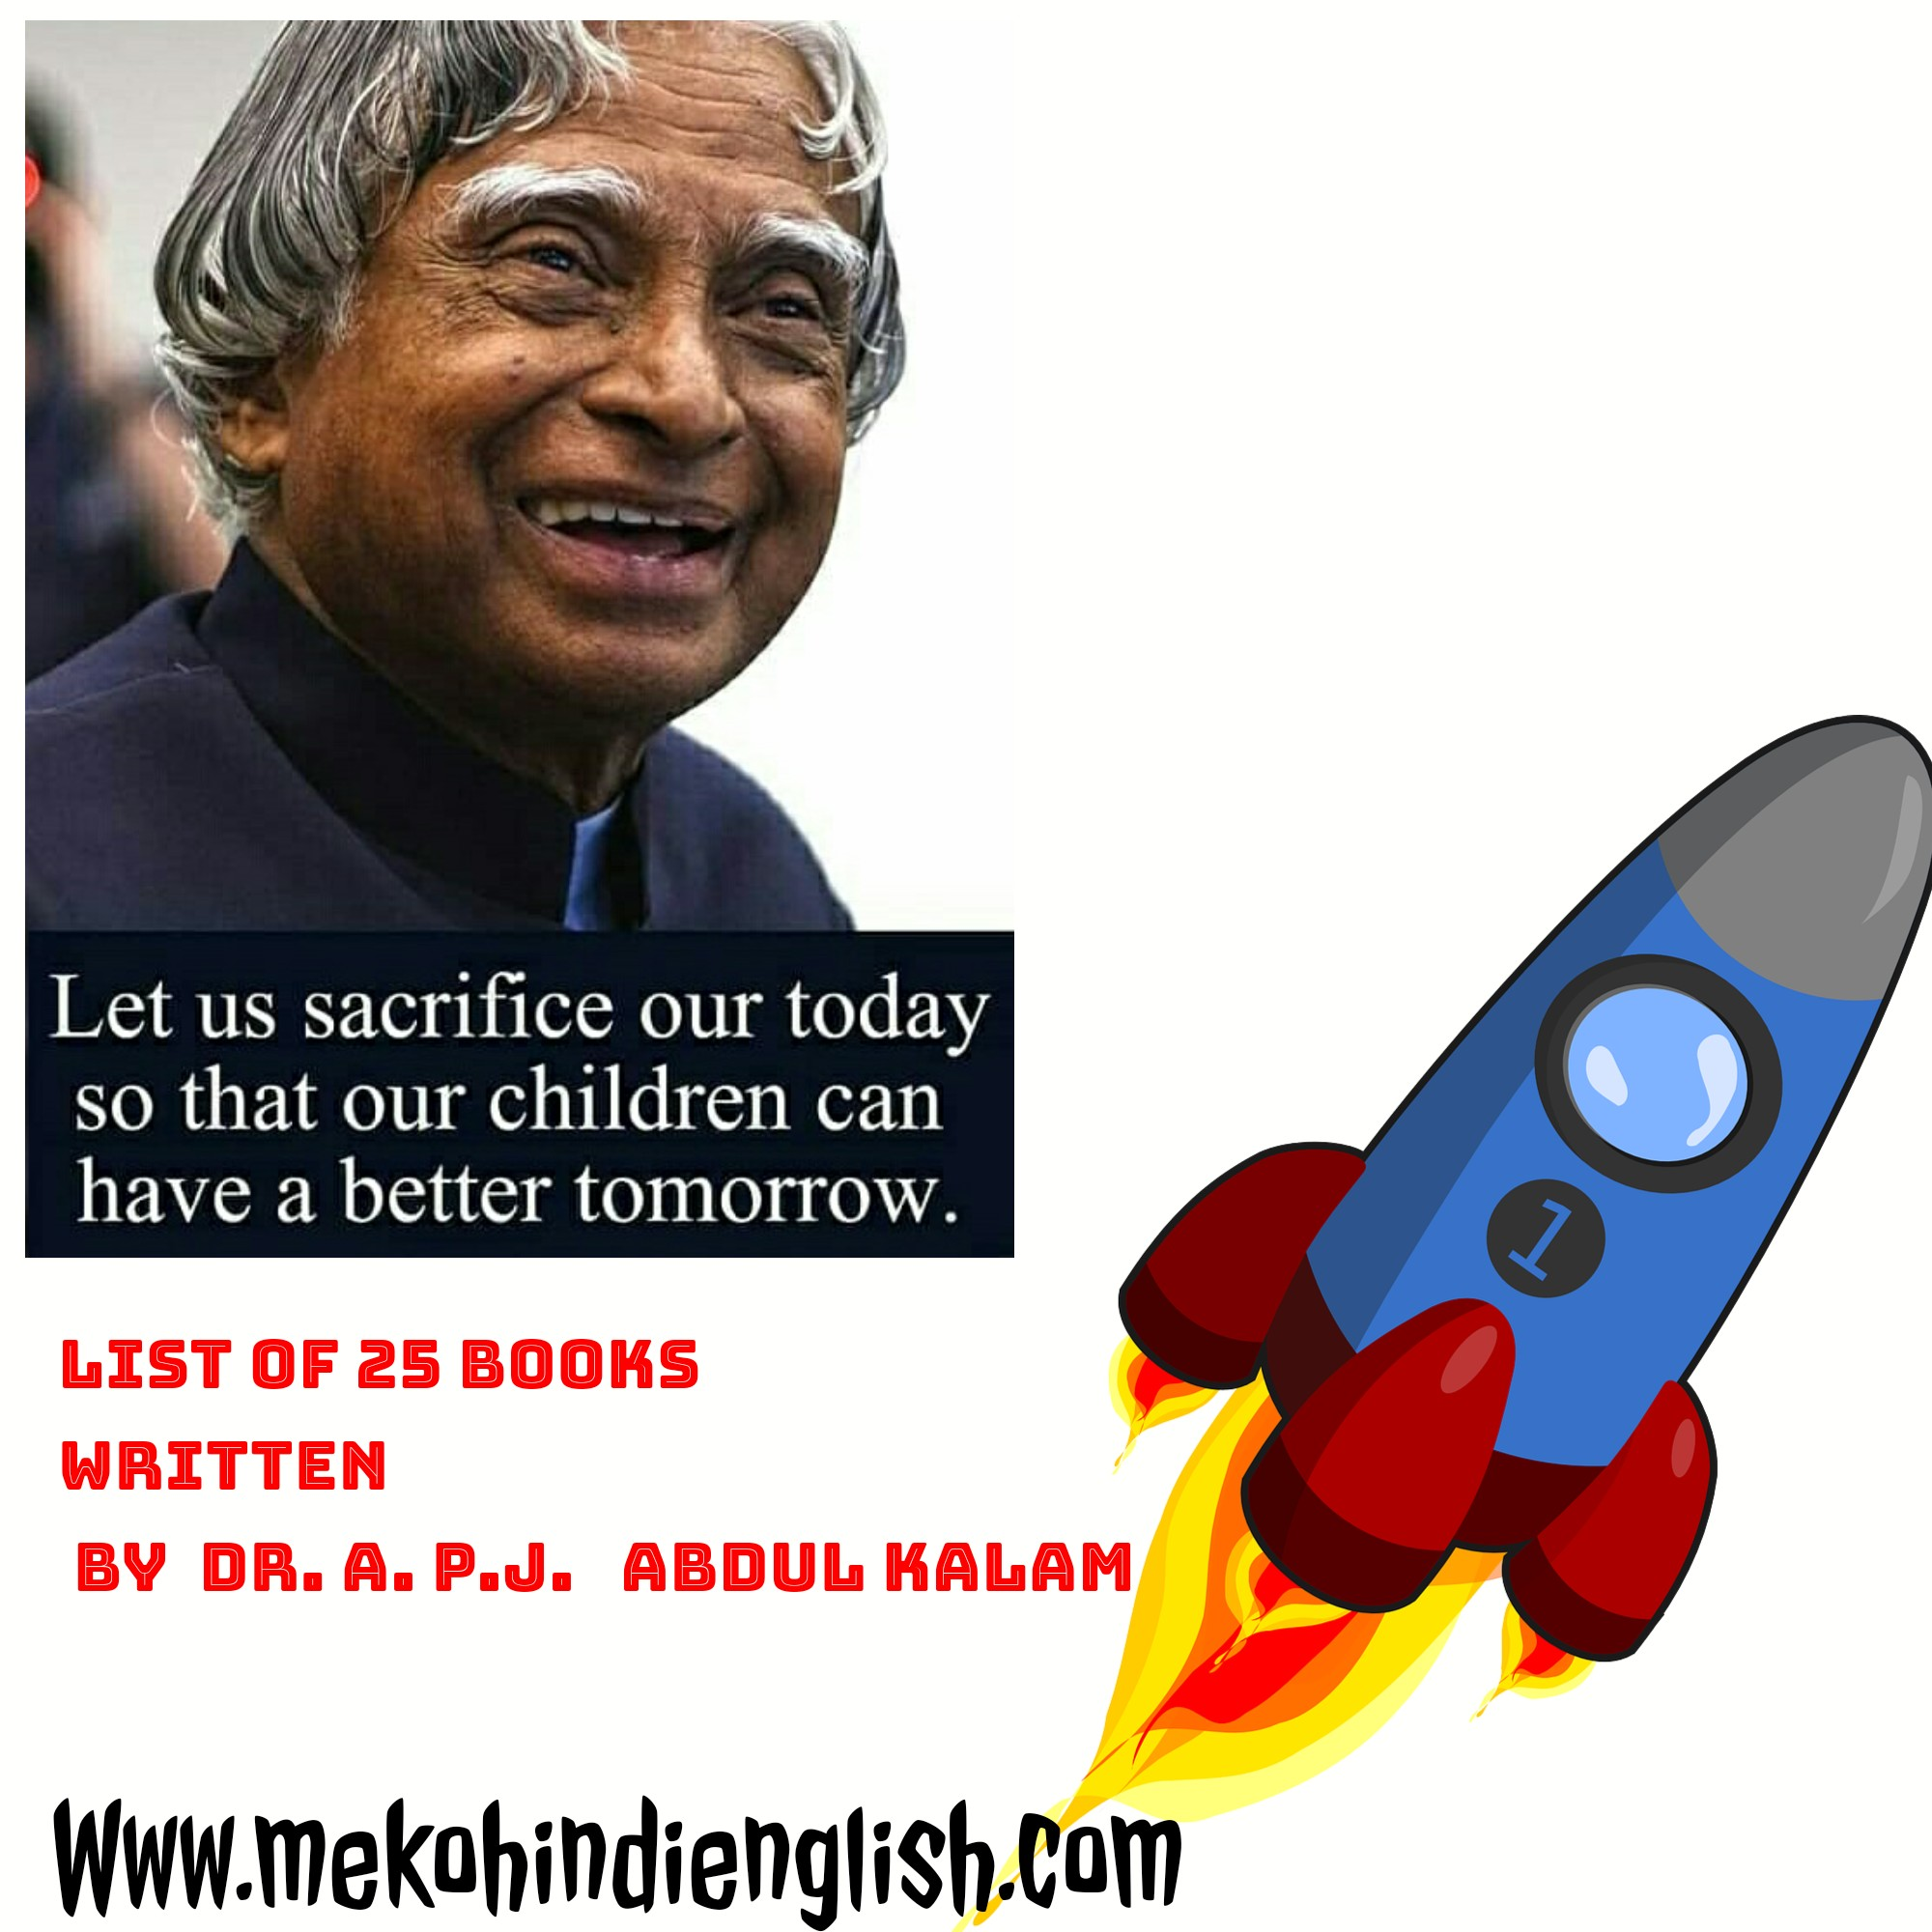 डॉ ए. पी. जे. अब्दुल कलाम द्वारा लिखी गयी 25 पुस्तकों की सूची